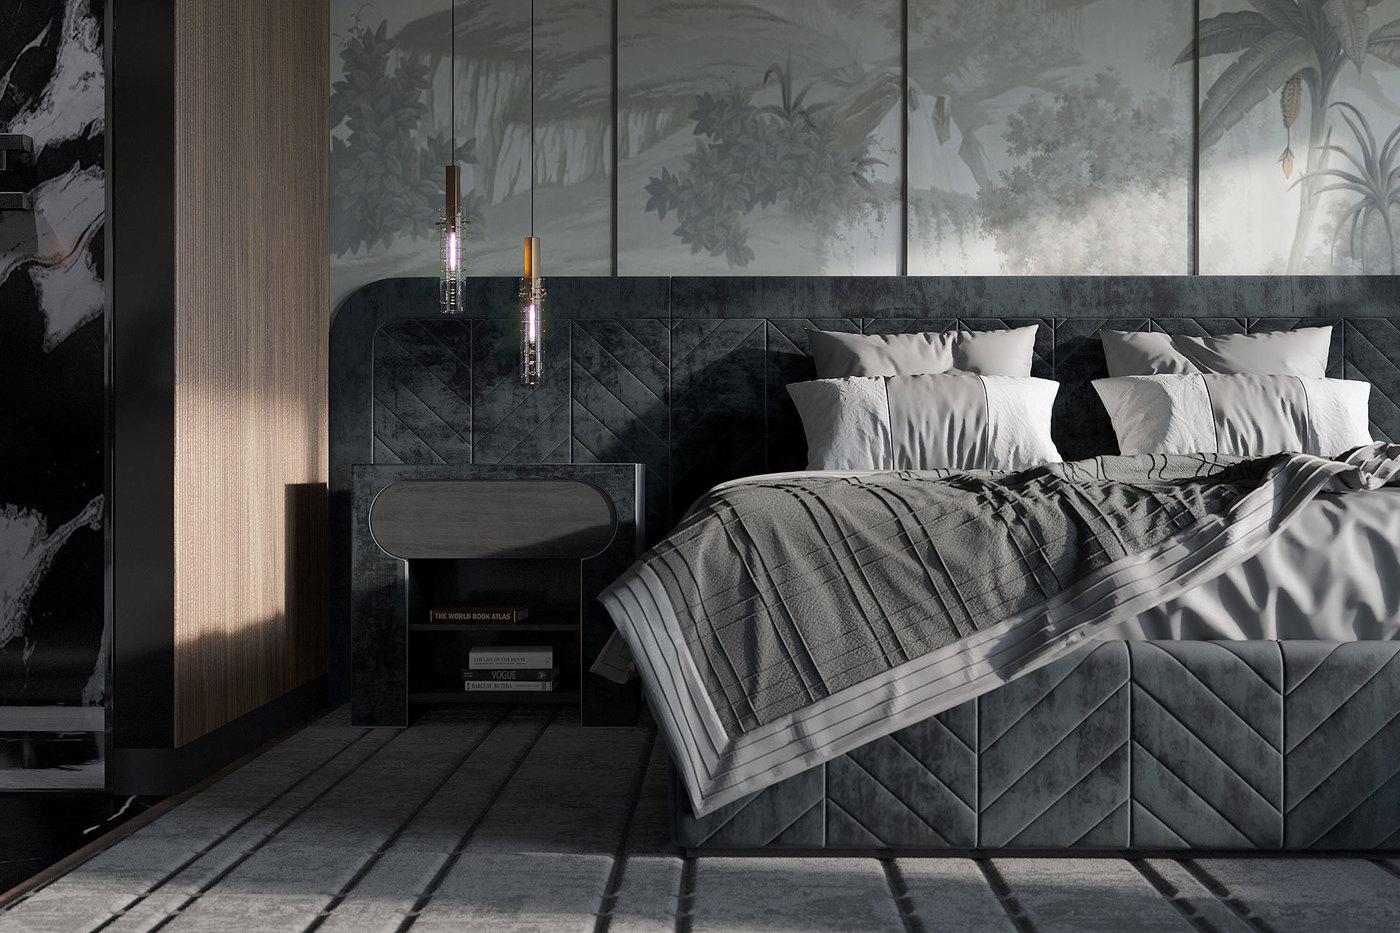 Кровать Ceccotti от Винченцо де Котиса, ковёр Quadrilatte и подвесные светильники Preciosa Geometric от Екатерины Елизаровой - Elizarova Design Studio